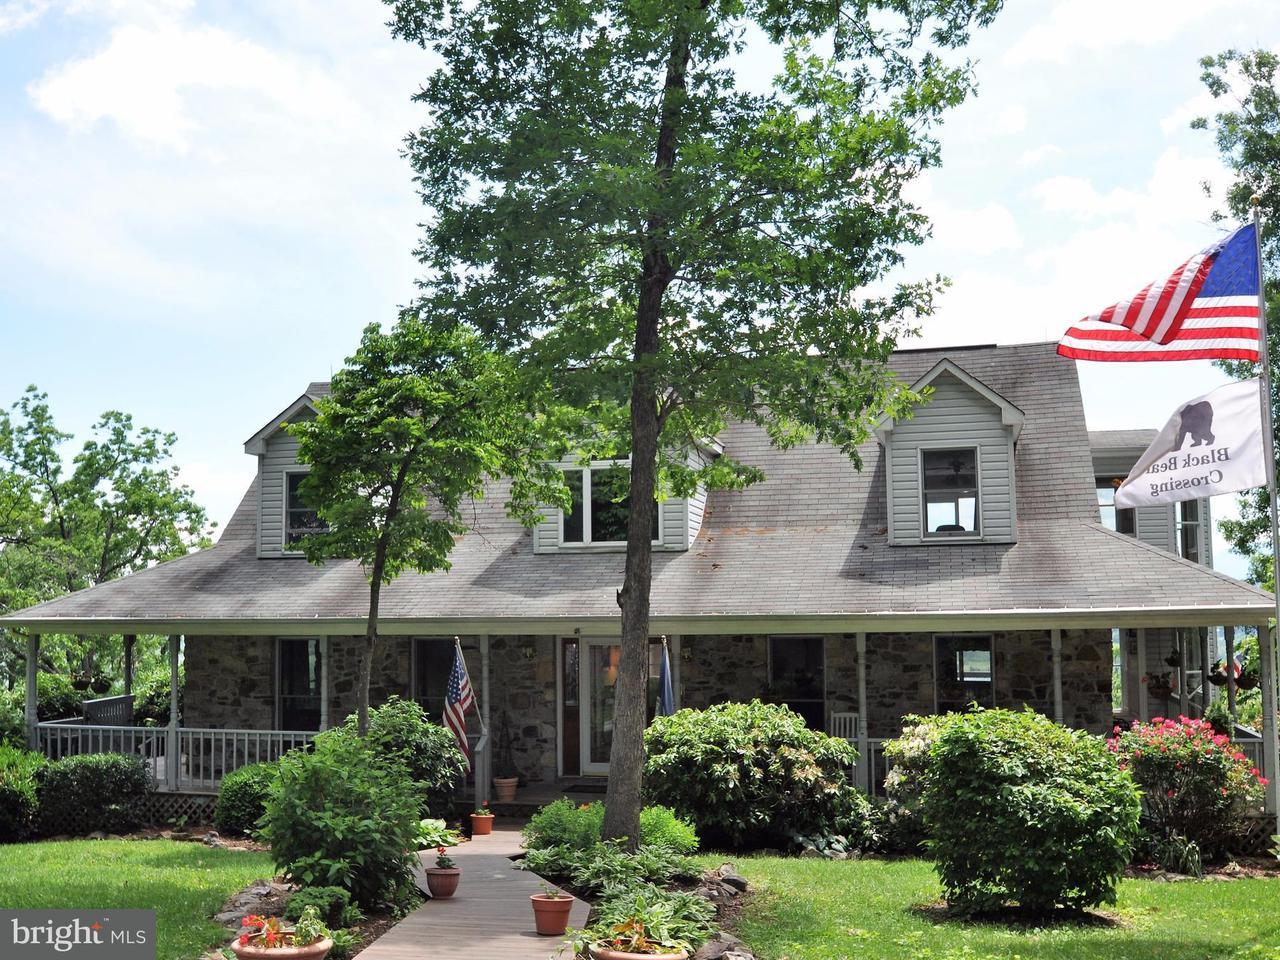 独户住宅 为 销售 在 184 CLARK Lane 184 CLARK Lane Washington, 弗吉尼亚州 22747 美国